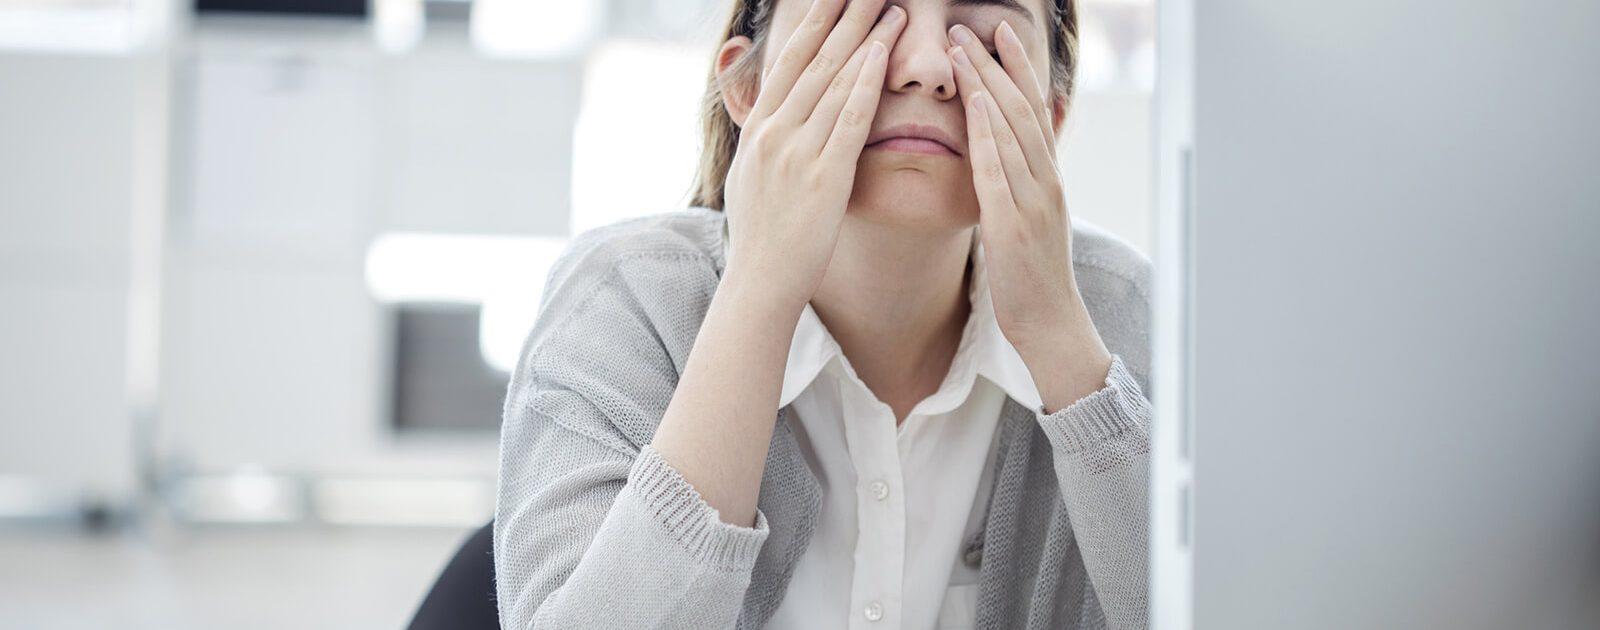 Schlafapnoe sorgt für Tagesmüdigkeit